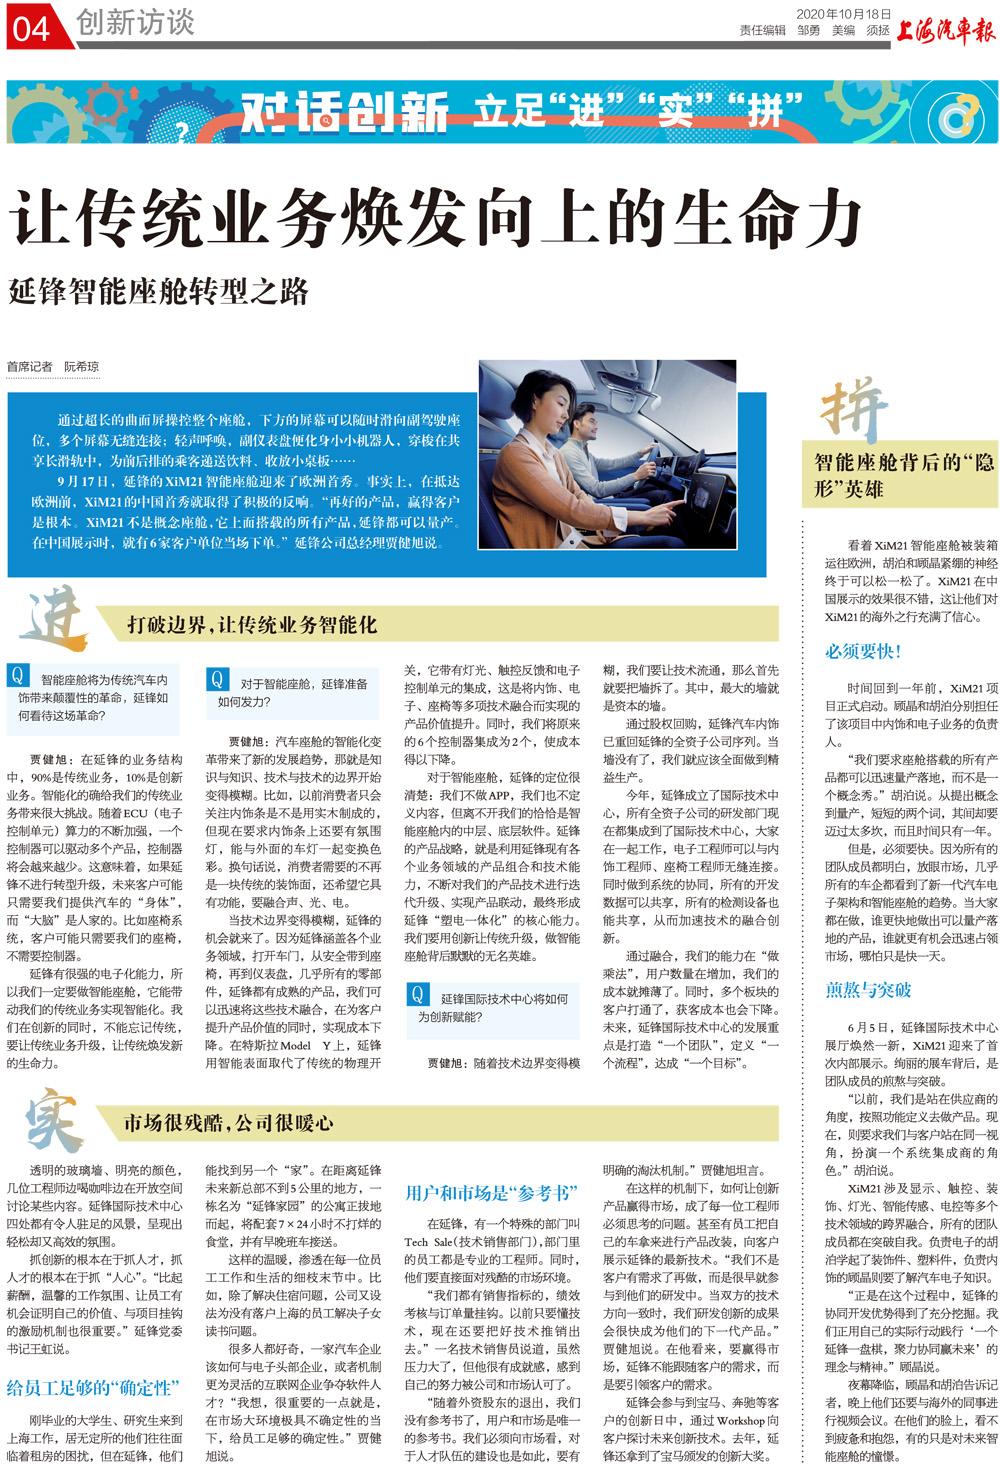 上海汽车报创新访谈